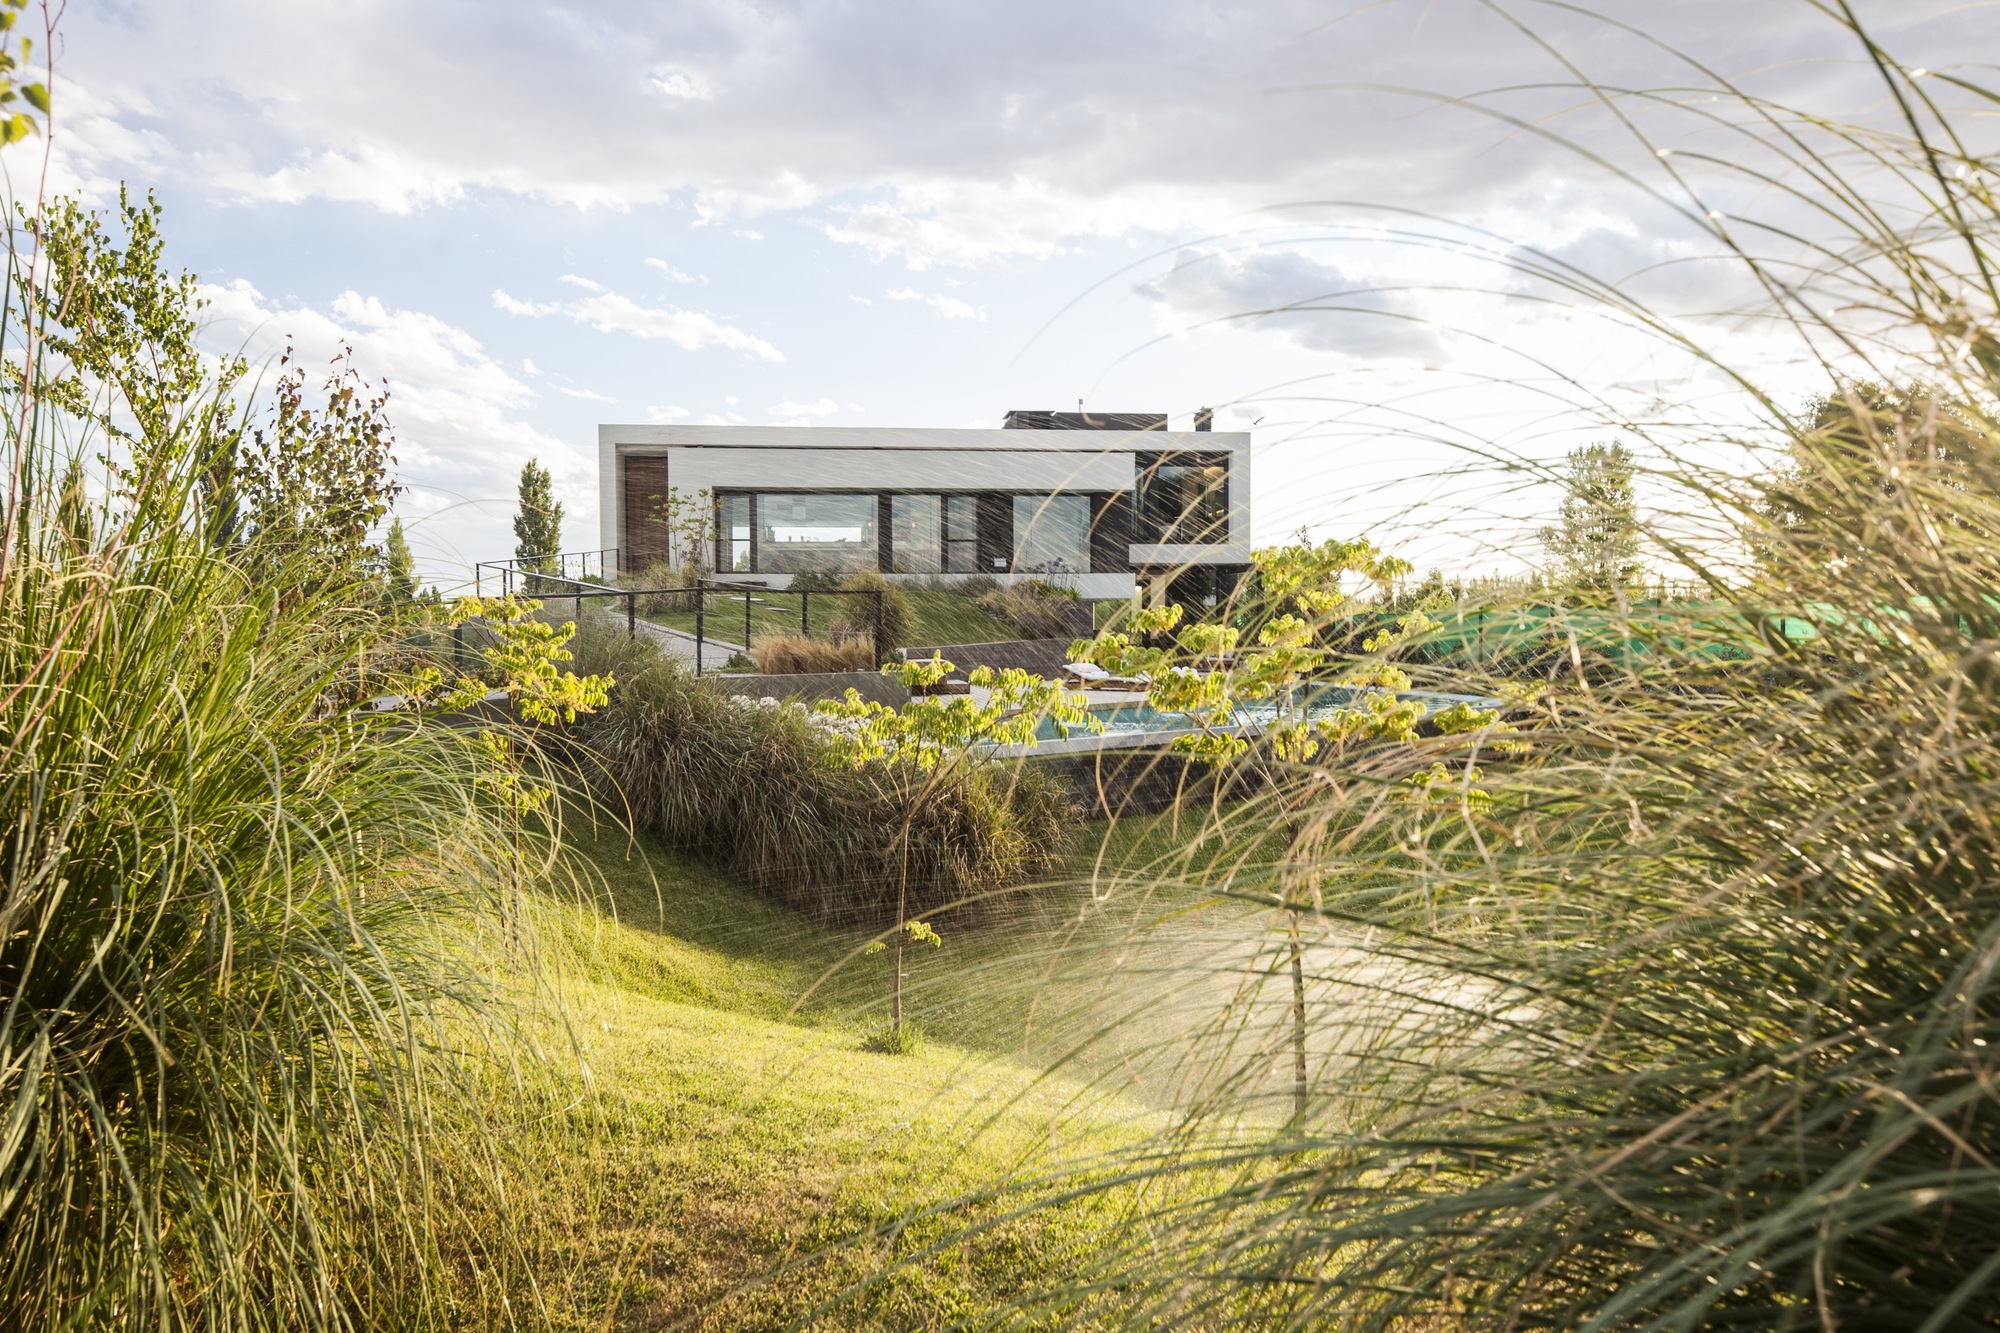 Casa rampa andr s remy arquitectos archdaily - Casas rusticas con jardin ...